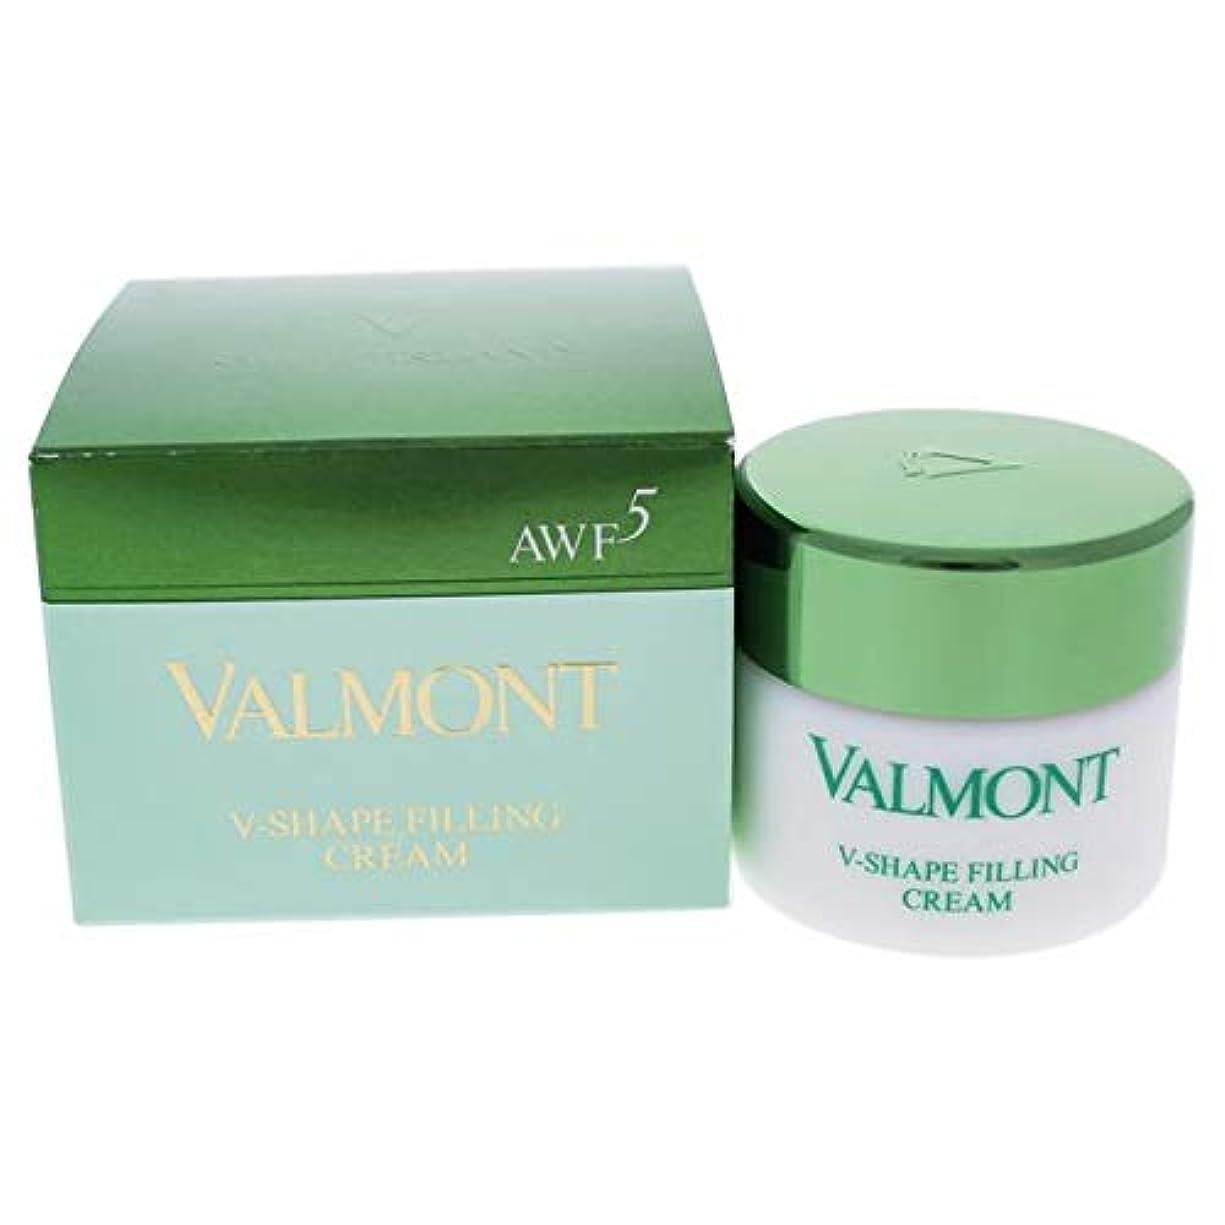 弾薬意味あなたのものヴァルモン AWF5 V-Shape Filling Cream 50ml/1.7oz並行輸入品